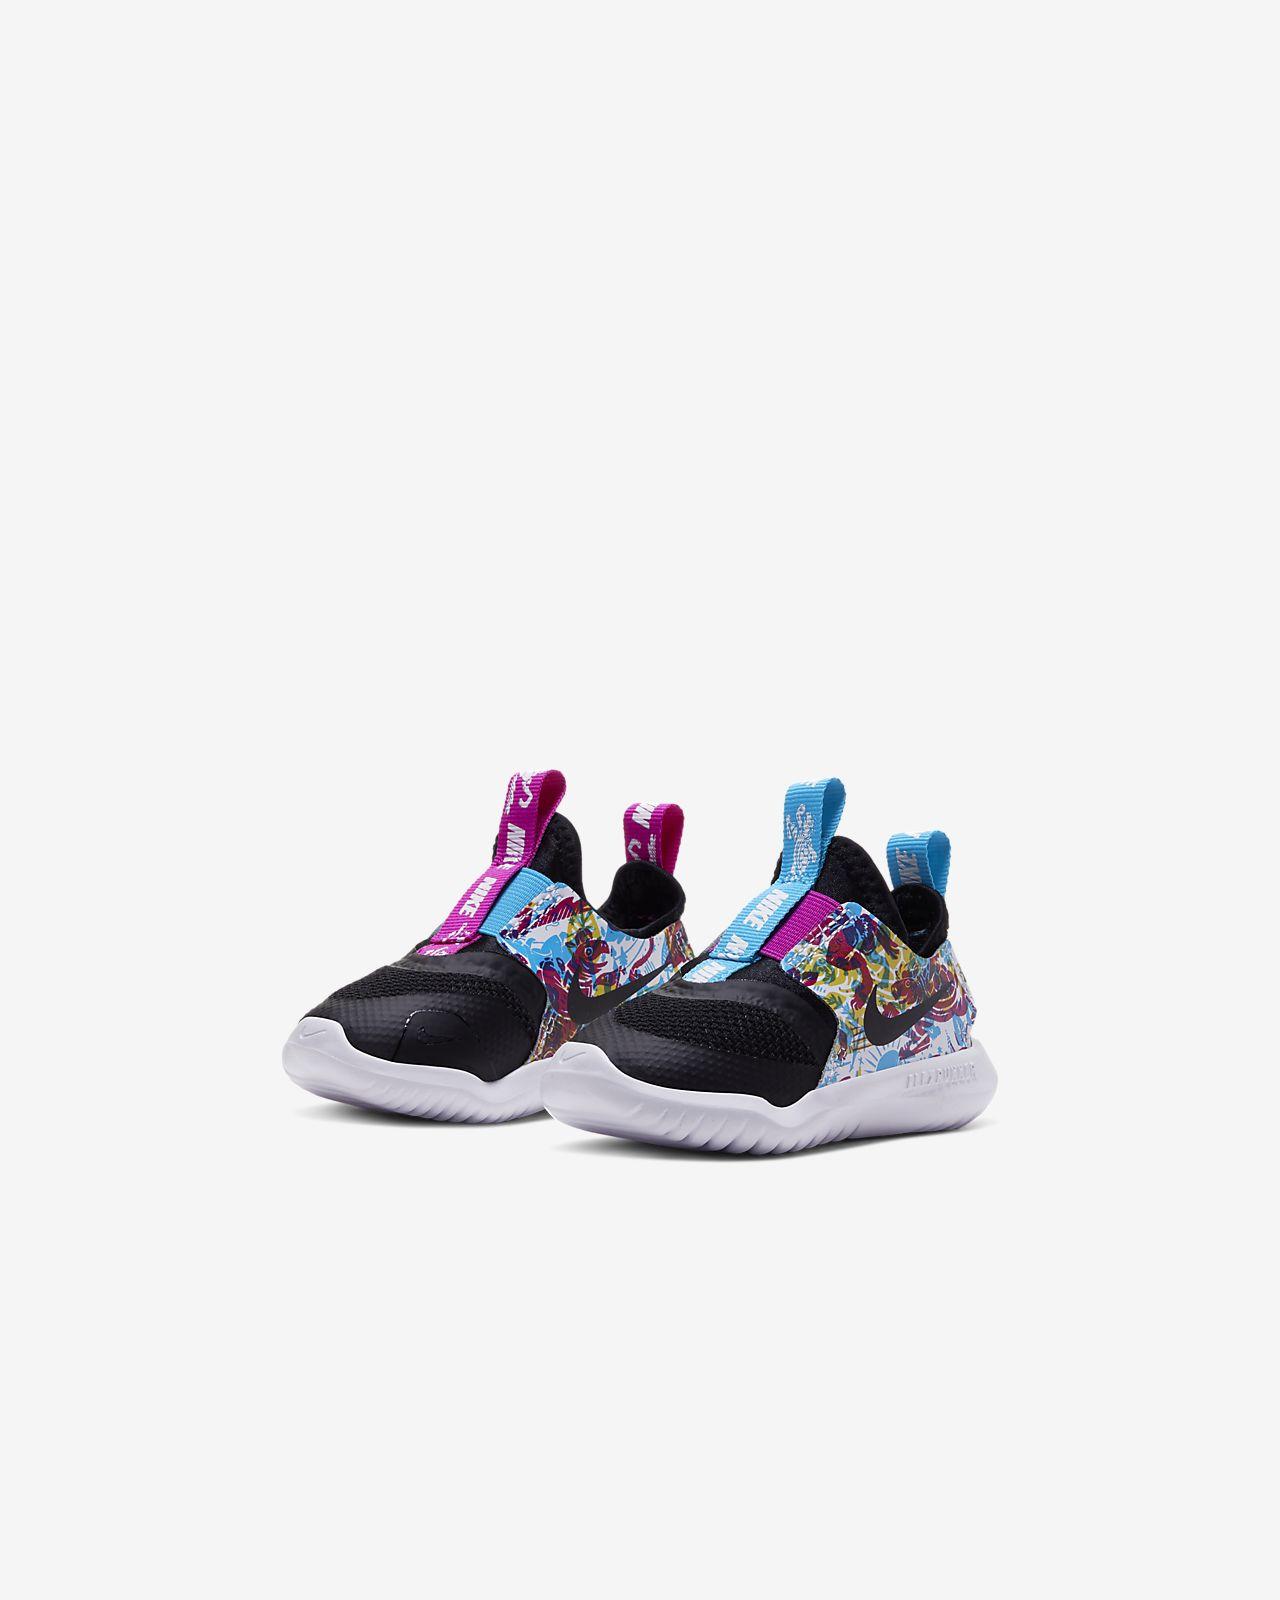 Chaussure Nike Flex Runner Fable pour BébéPetit enfant